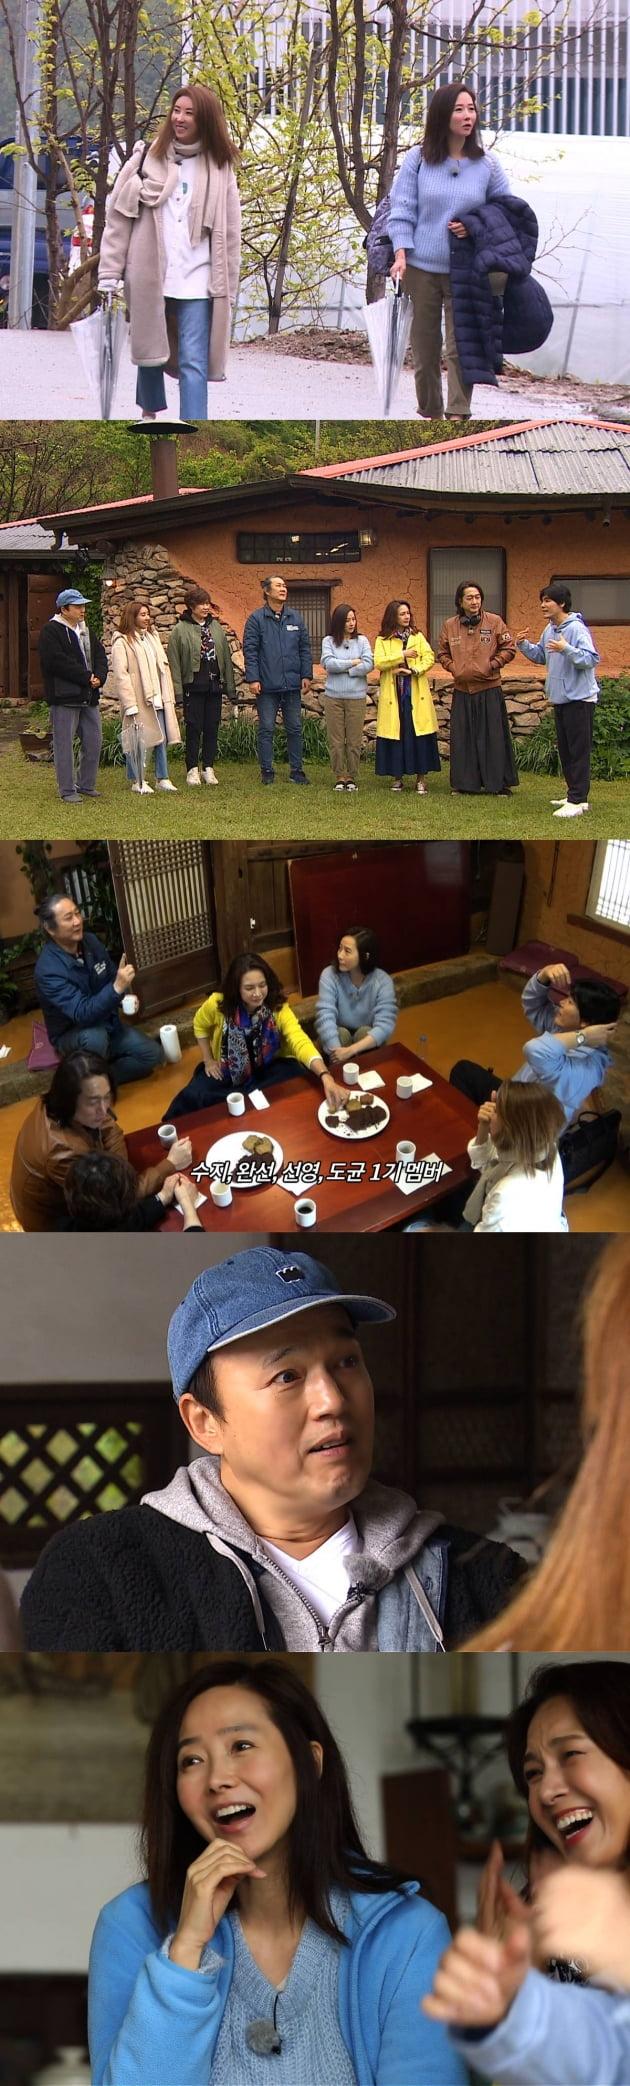 '불타는청춘' 예고/ 사진=SBS 제공